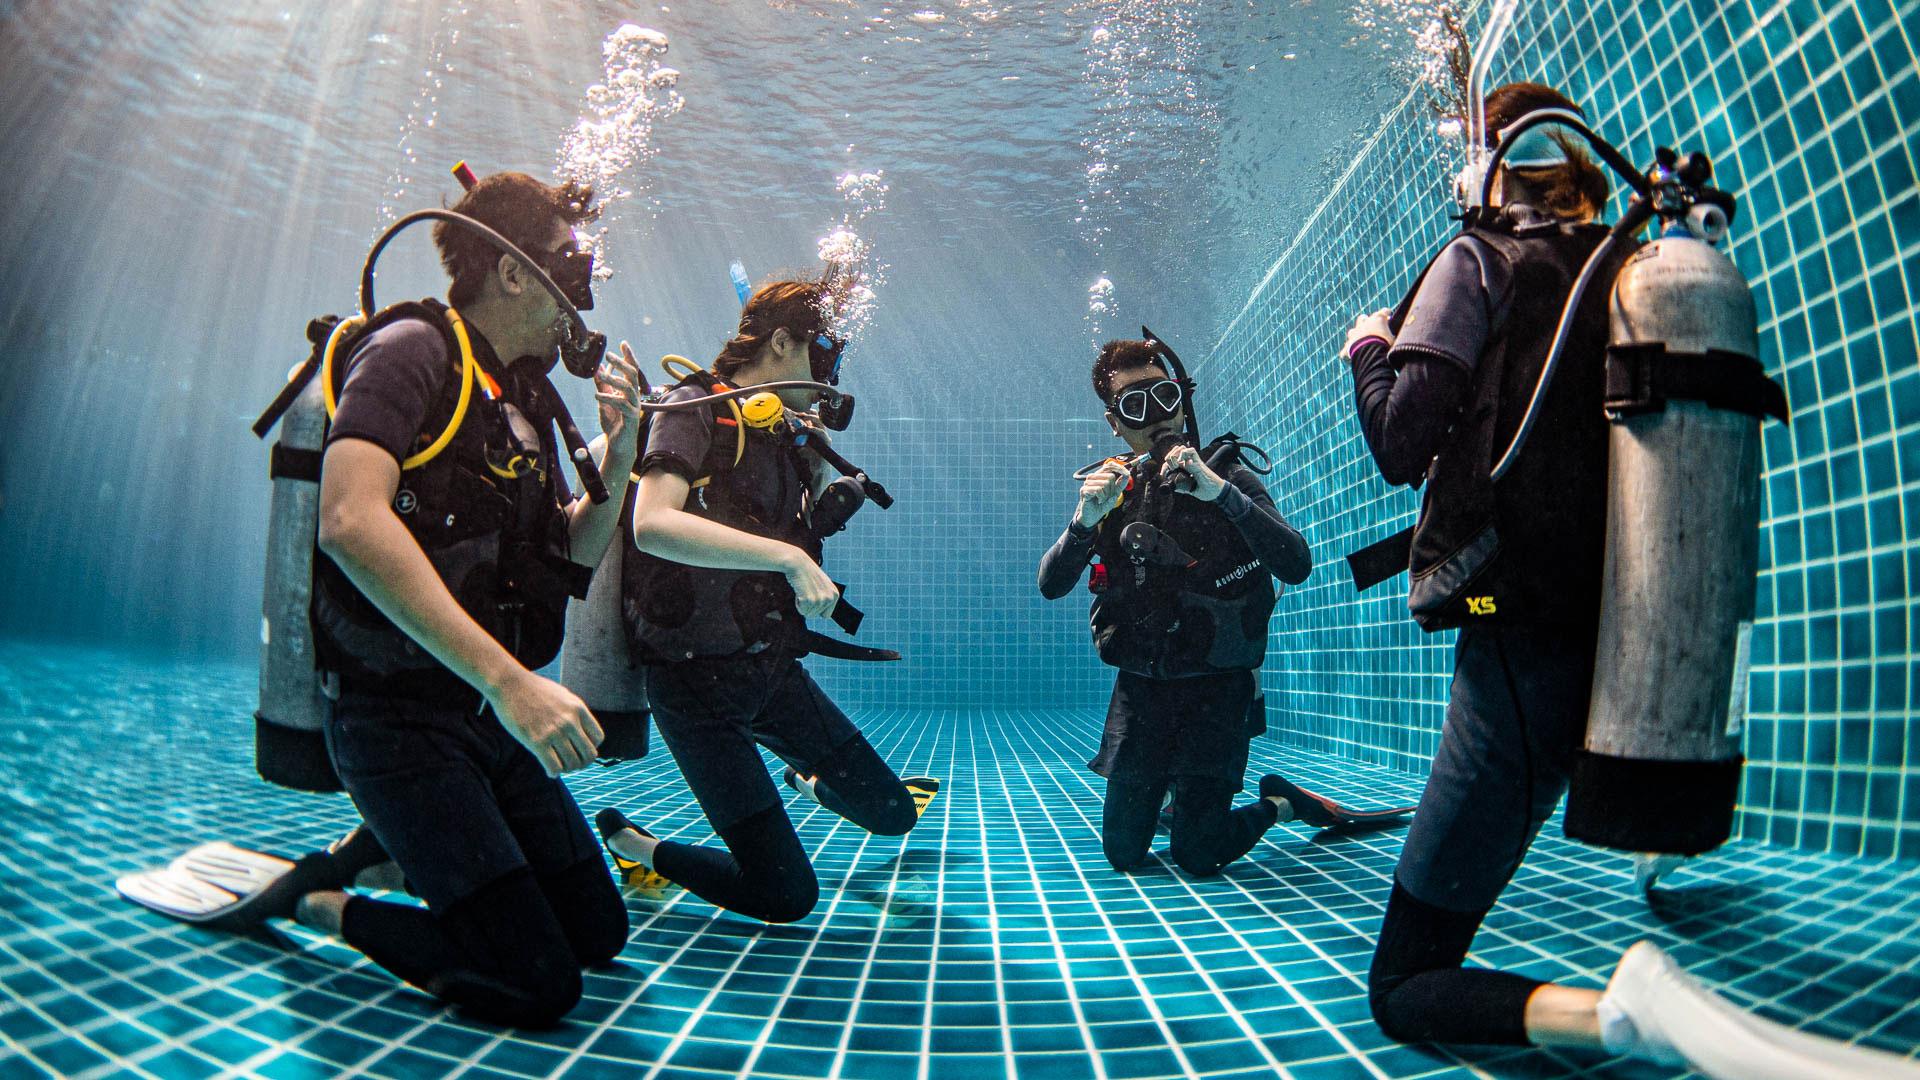 มาตรฐานด้านการดำน้ำ scuba diving